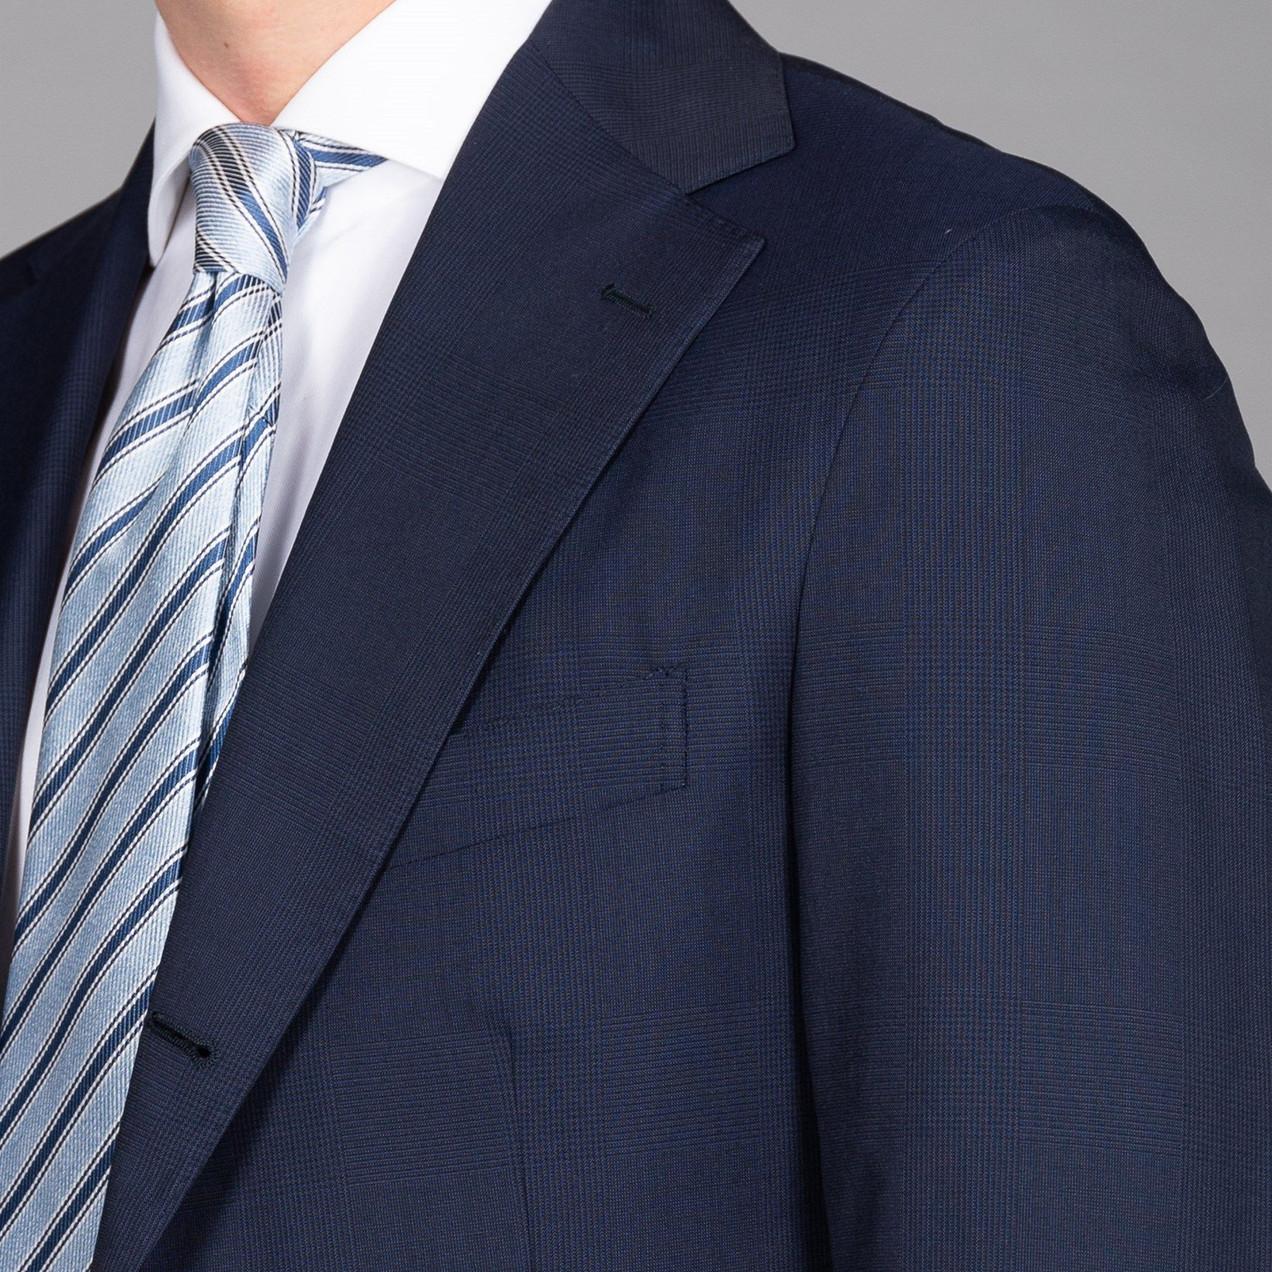 CAVOUR Light Wool PoW Suit